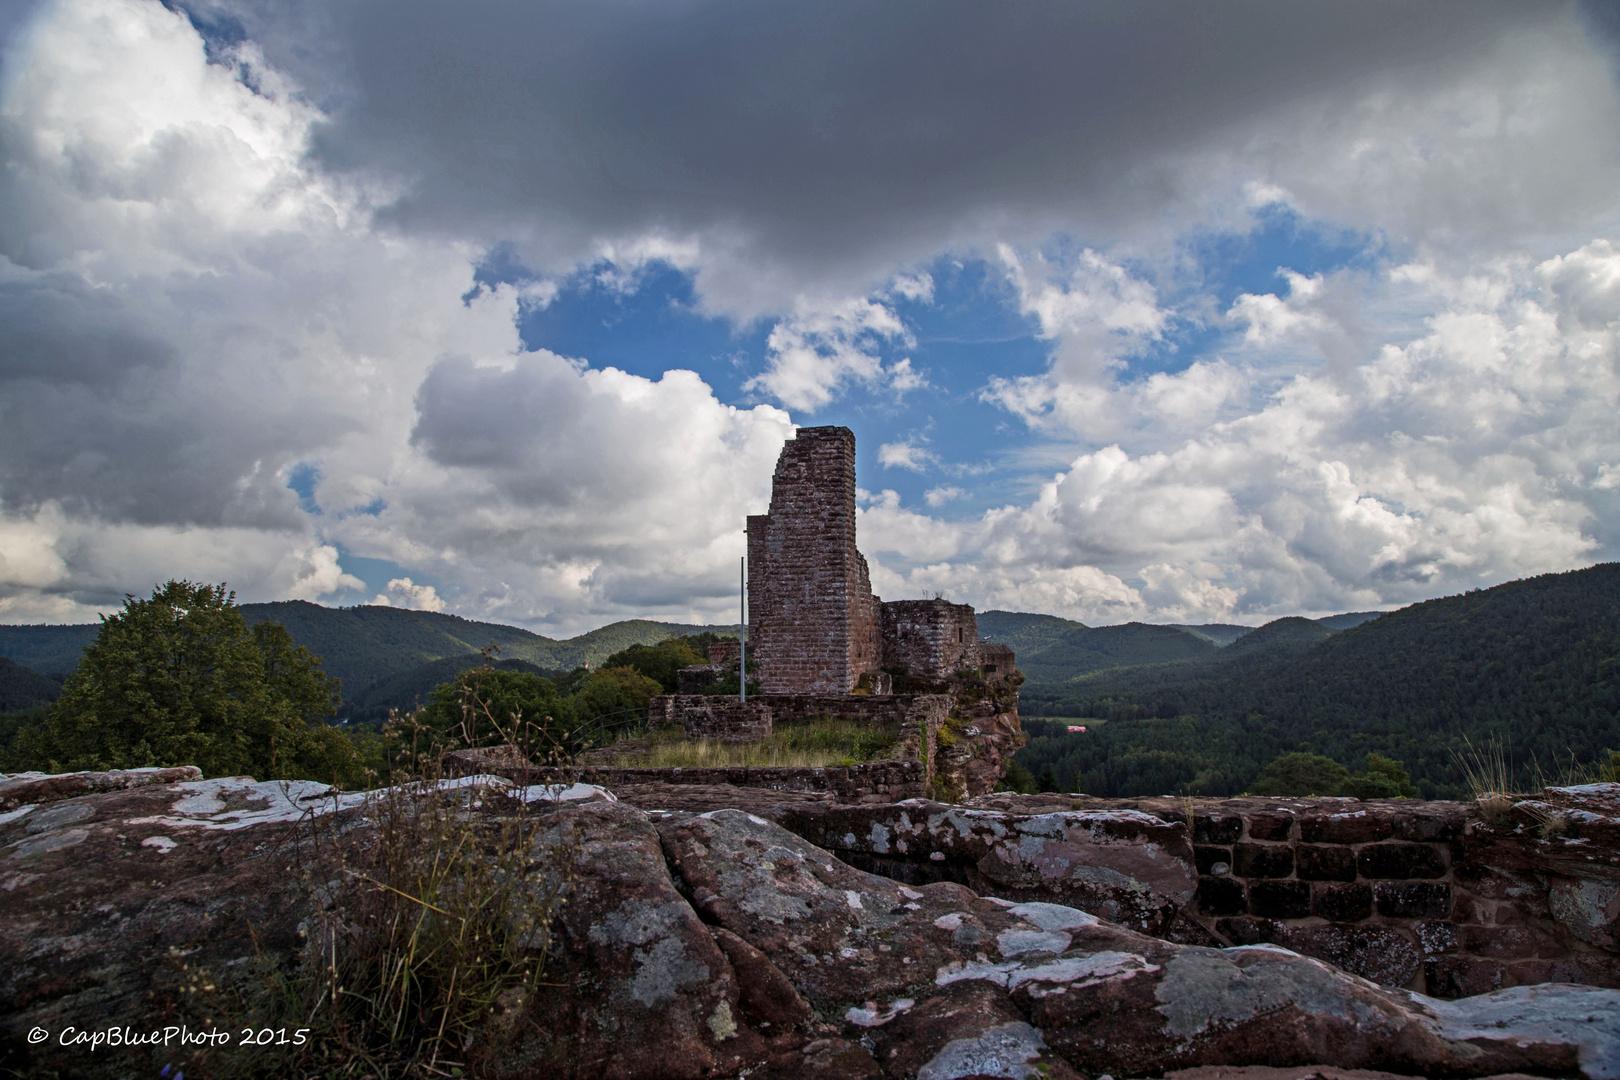 Wasgau Landschaft mit Burg Altdahn